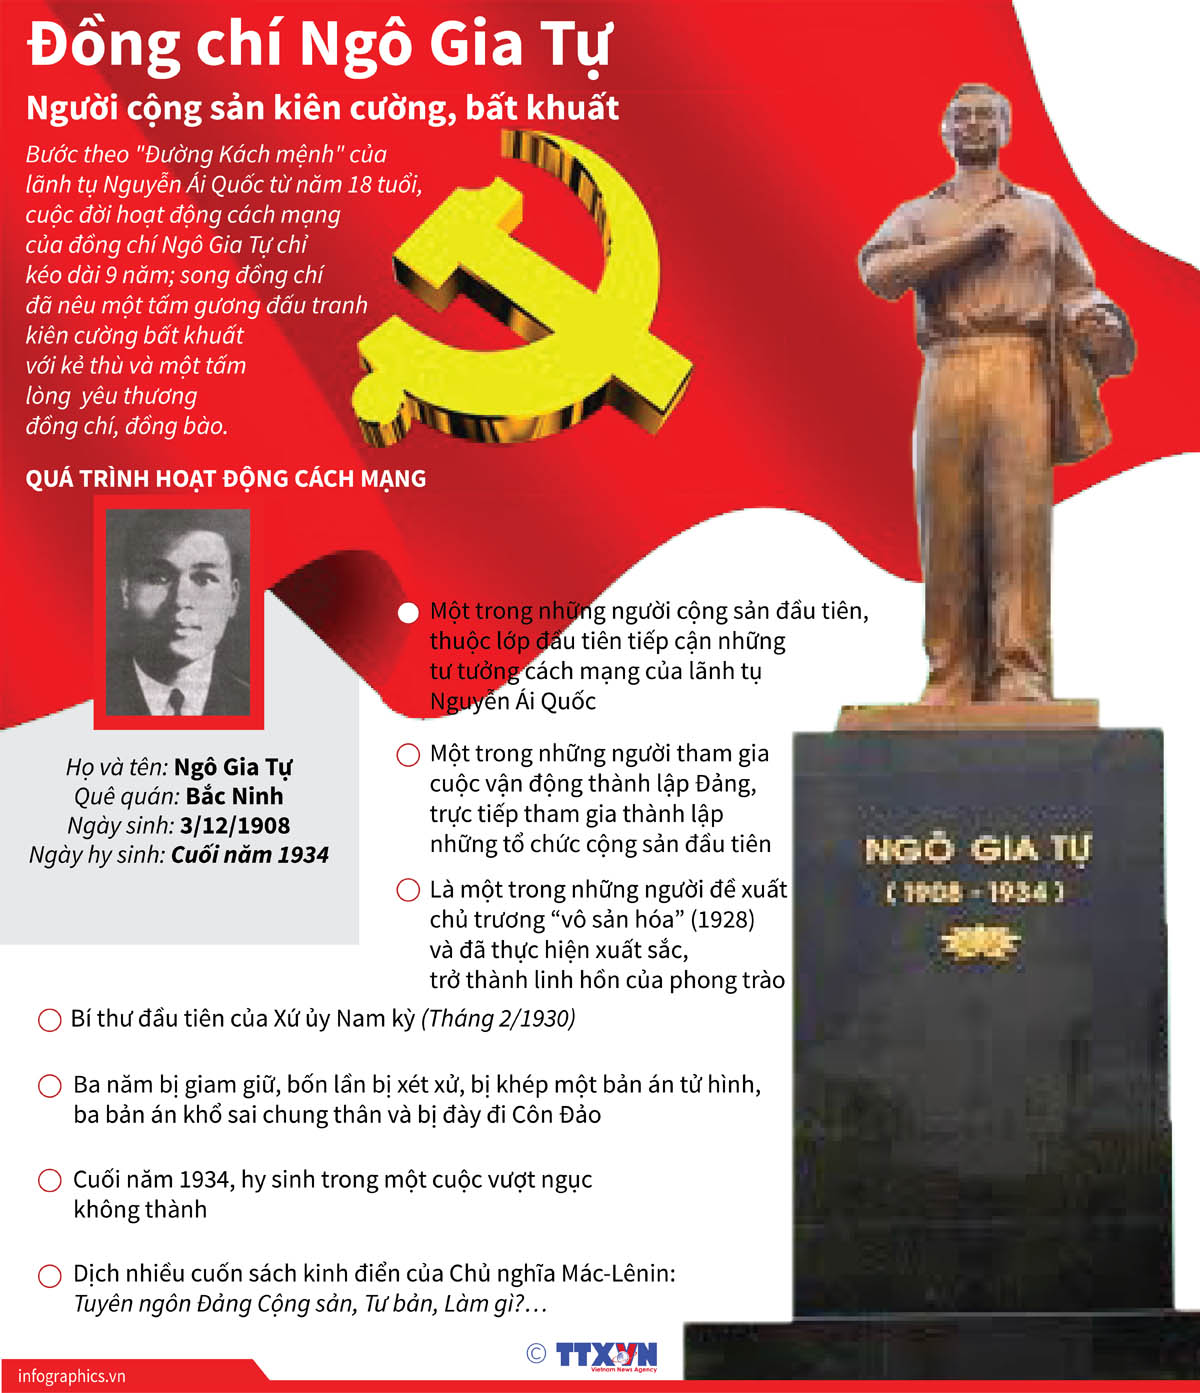 nhân vật, sự kiện, Ngô Gia Tự, người cộng sản, bất khuất, sự nghiệp cách mạng, thanh niên yêu nước, chiến sĩ cách mạng